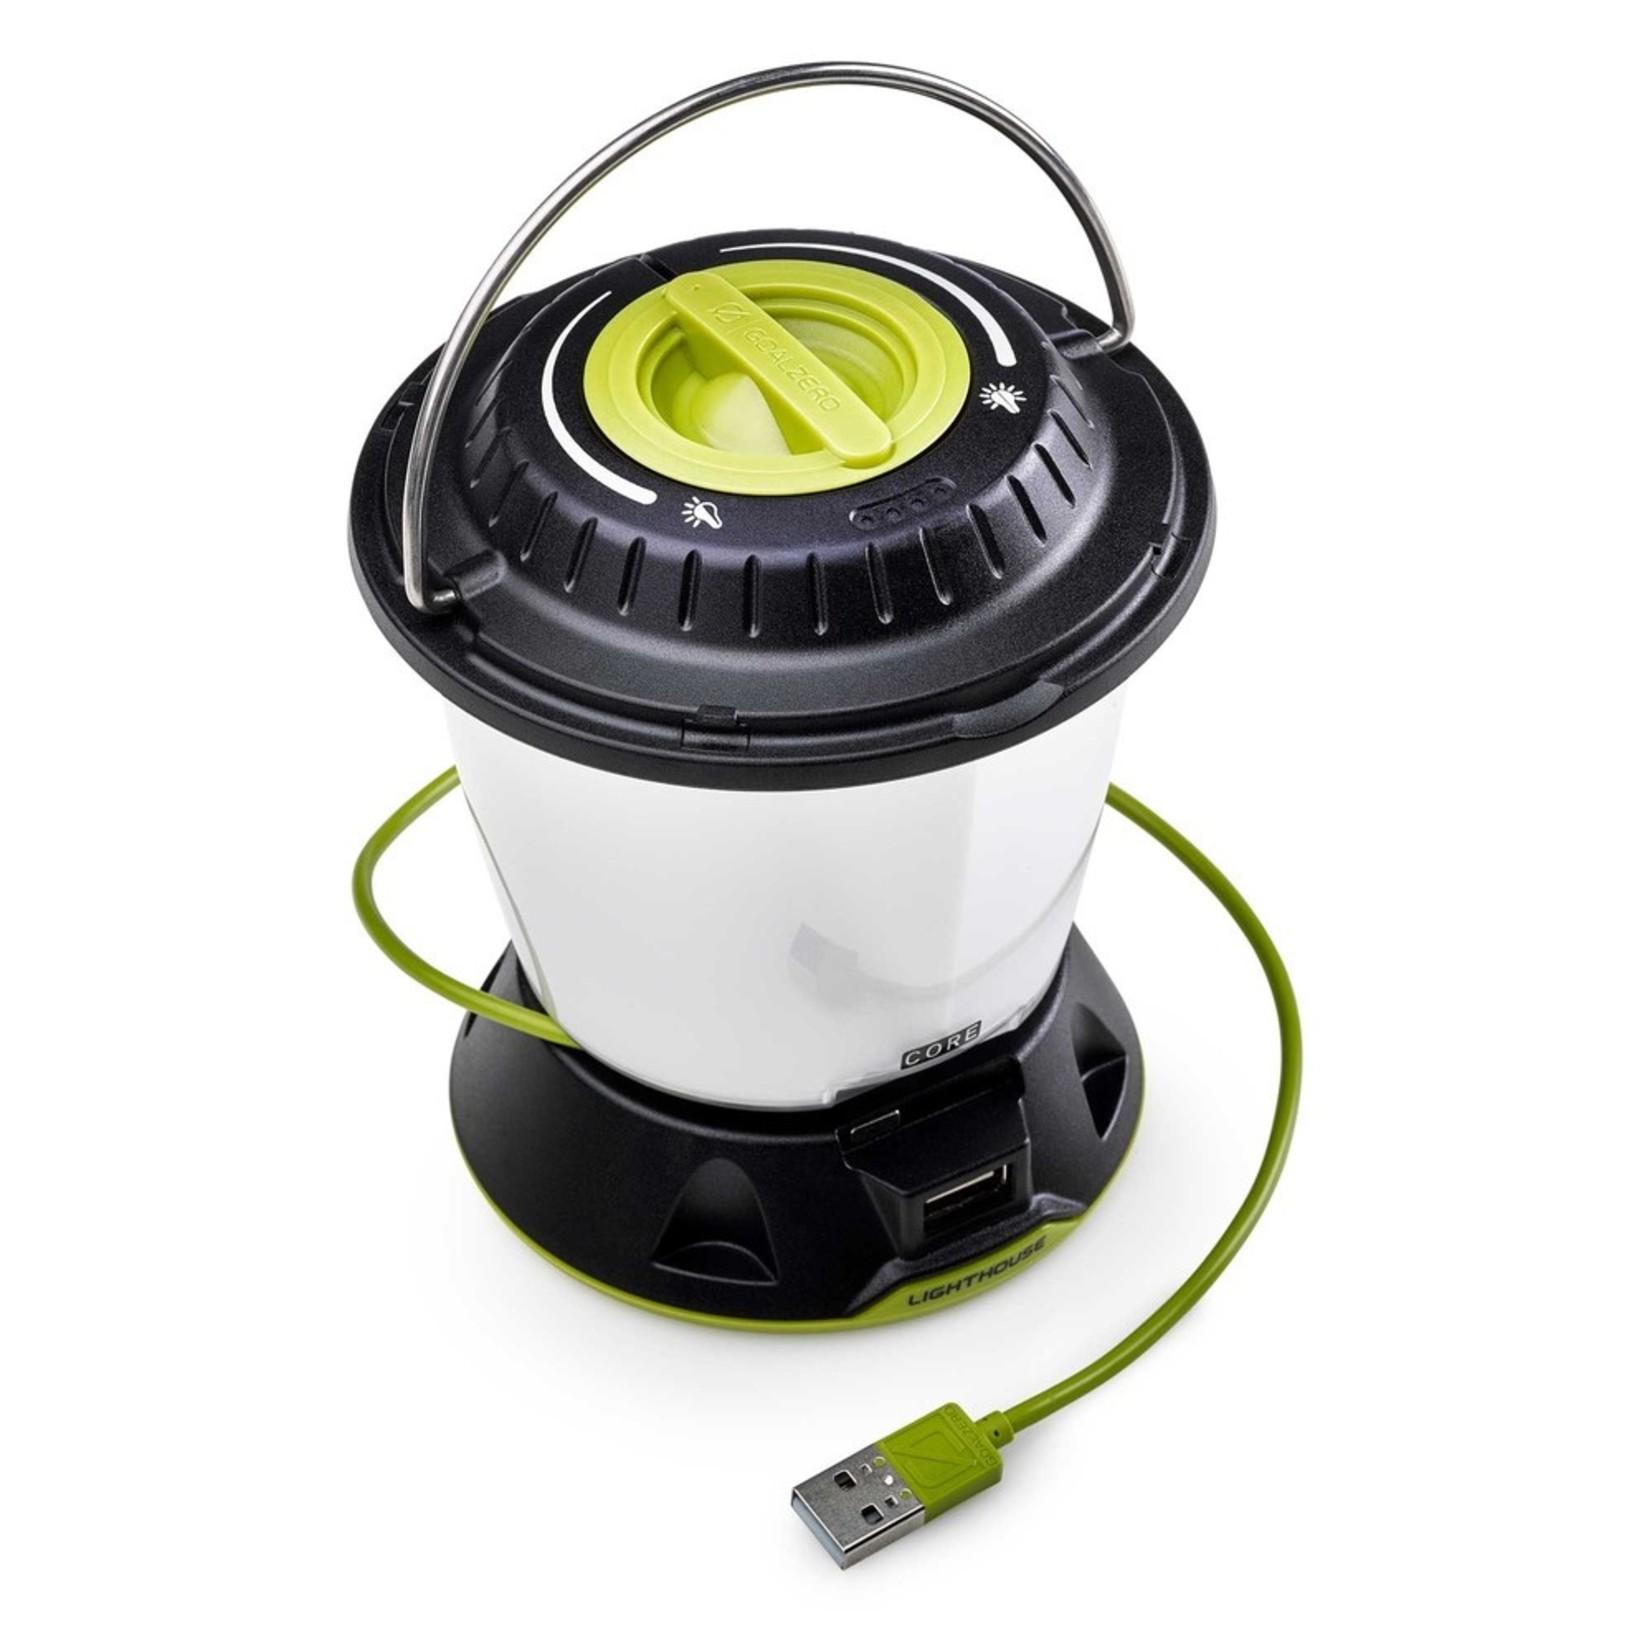 GOALZERO GOAL ZERO Lighthouse Core Lantern & USB Power Hub